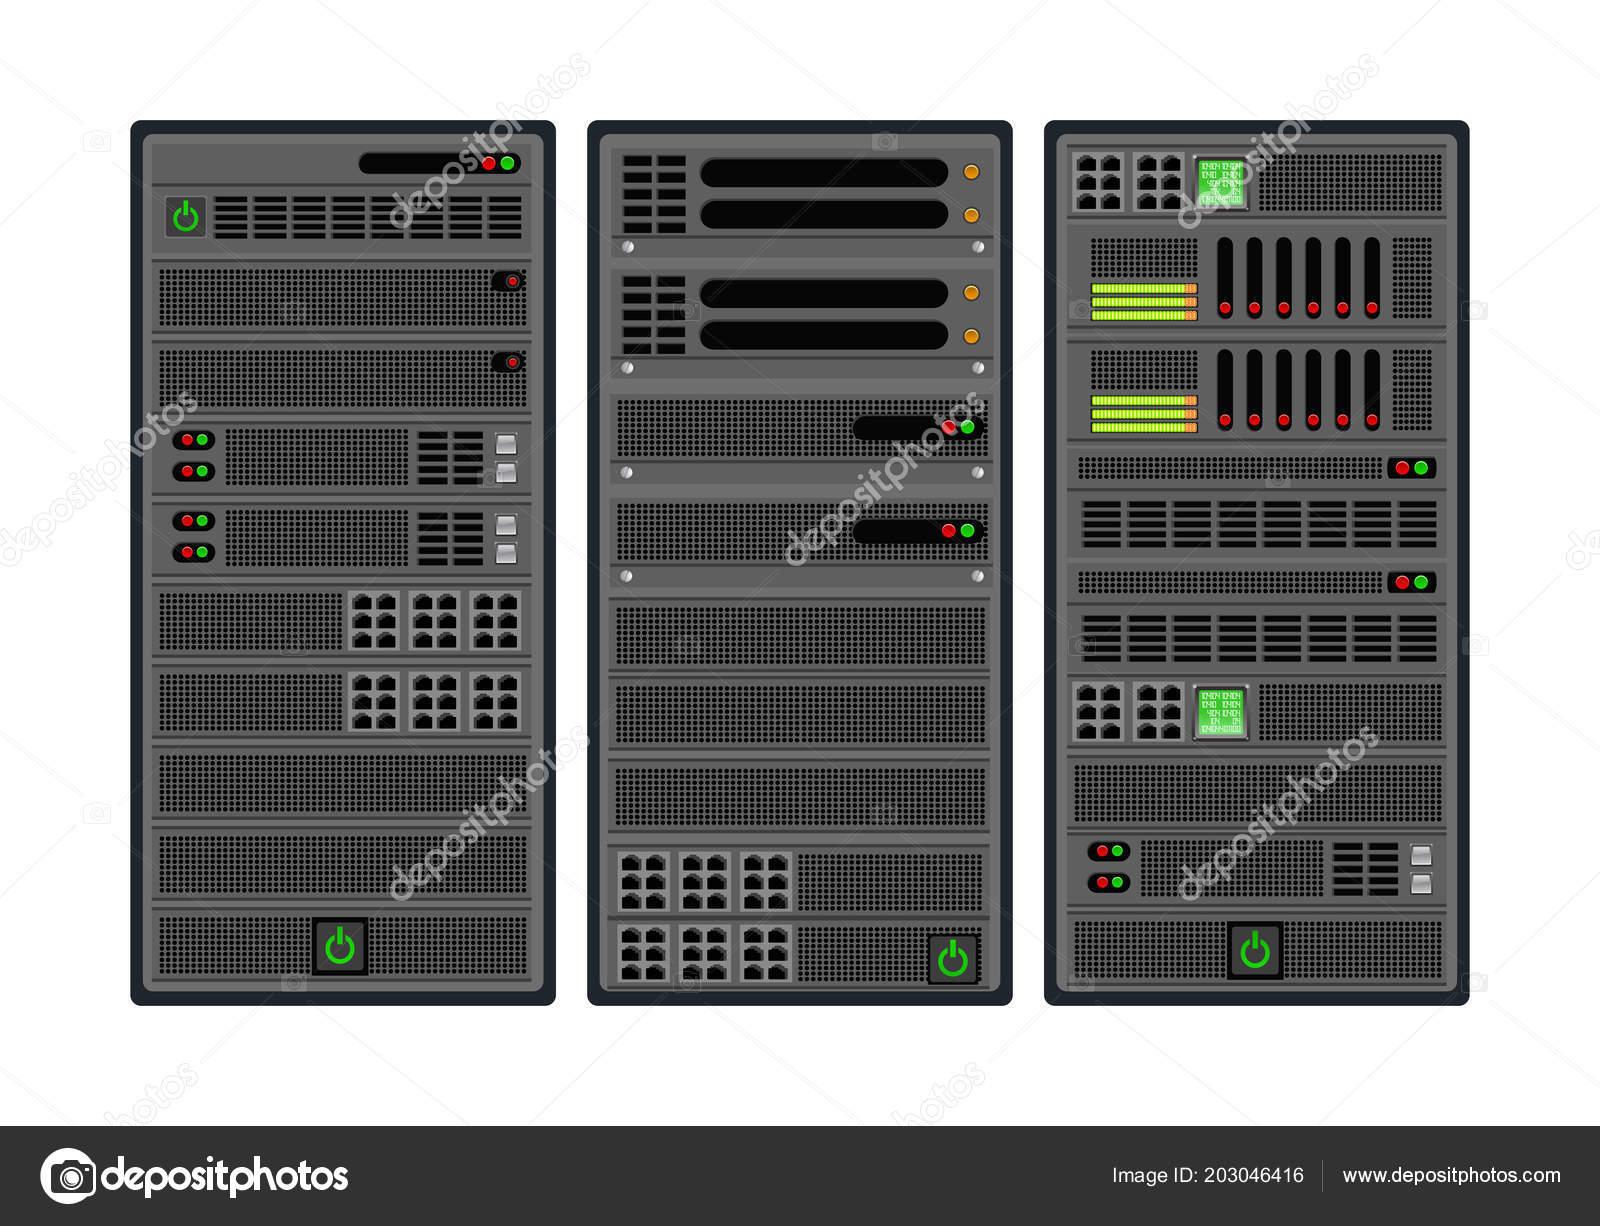 Хостинг серверов на компьютер скрипт панель управление игровым хостингом